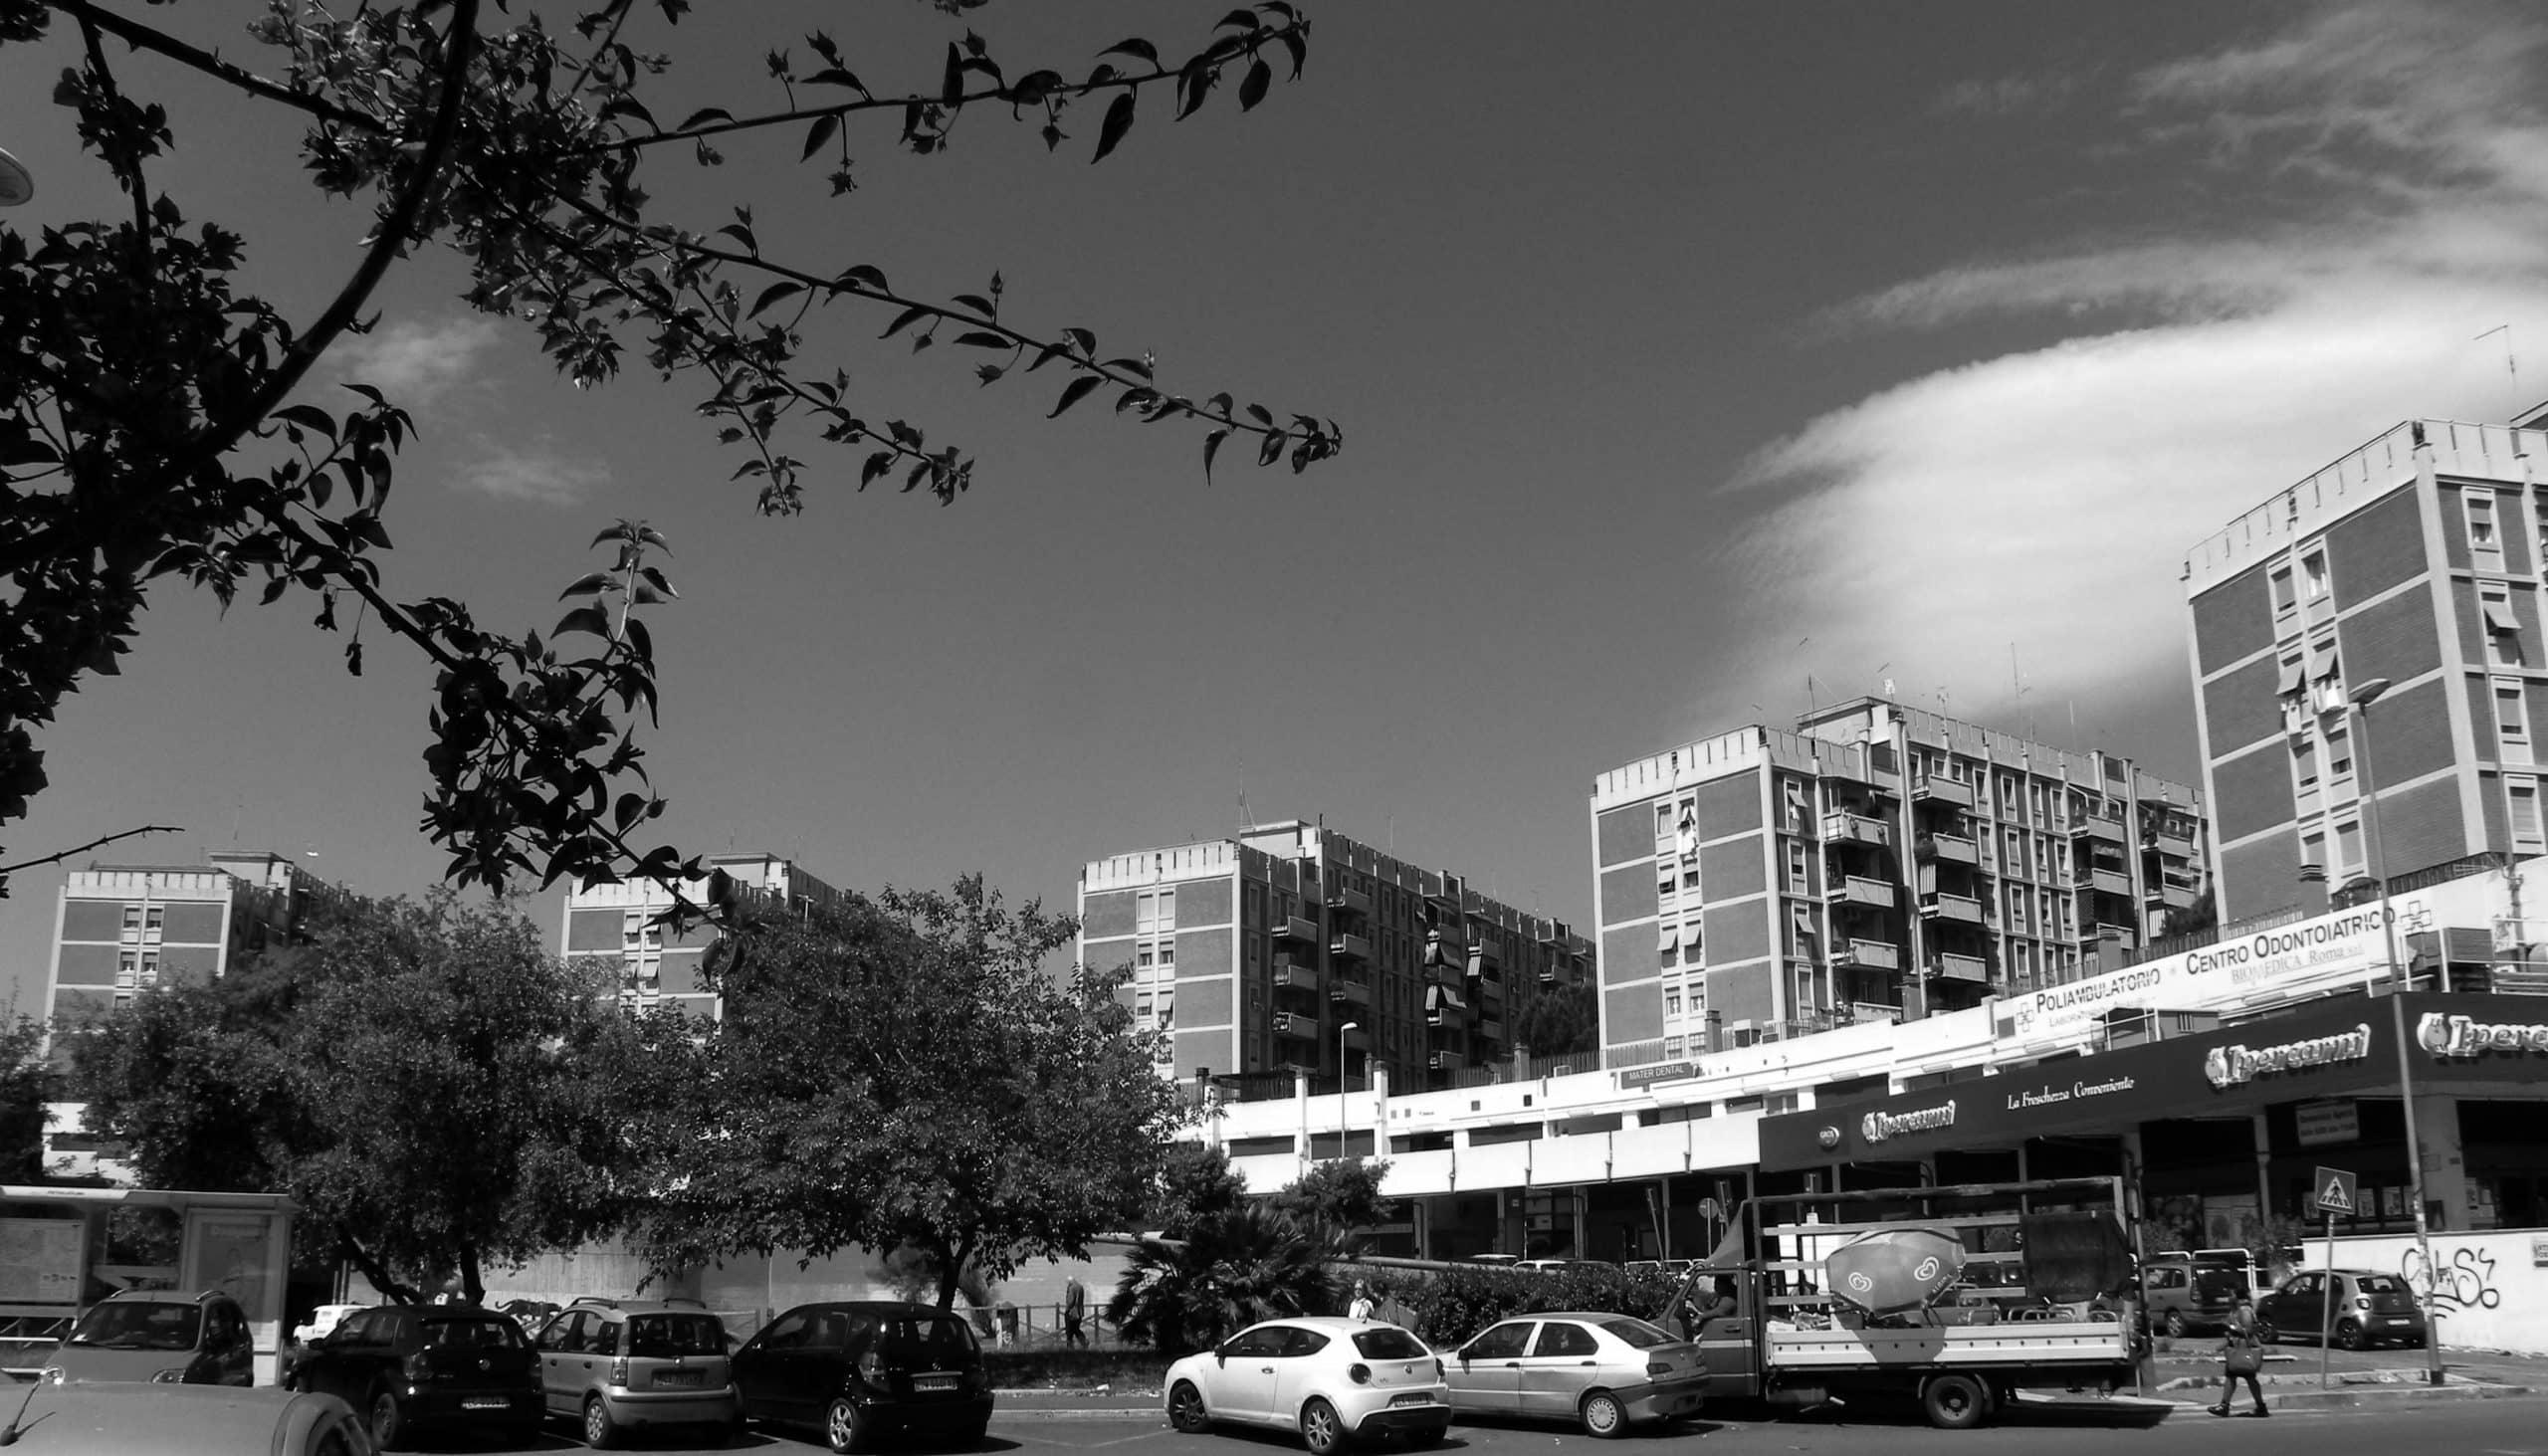 1 - Complesso di cinque edifici residenziali per 250 alloggi nel PdZ n. 14 Tiburtino Sud in via di Pietralata, Roma; con R. De Vito e A. Rossi - Vista esterna dalla piazza e dell'edificio tipo